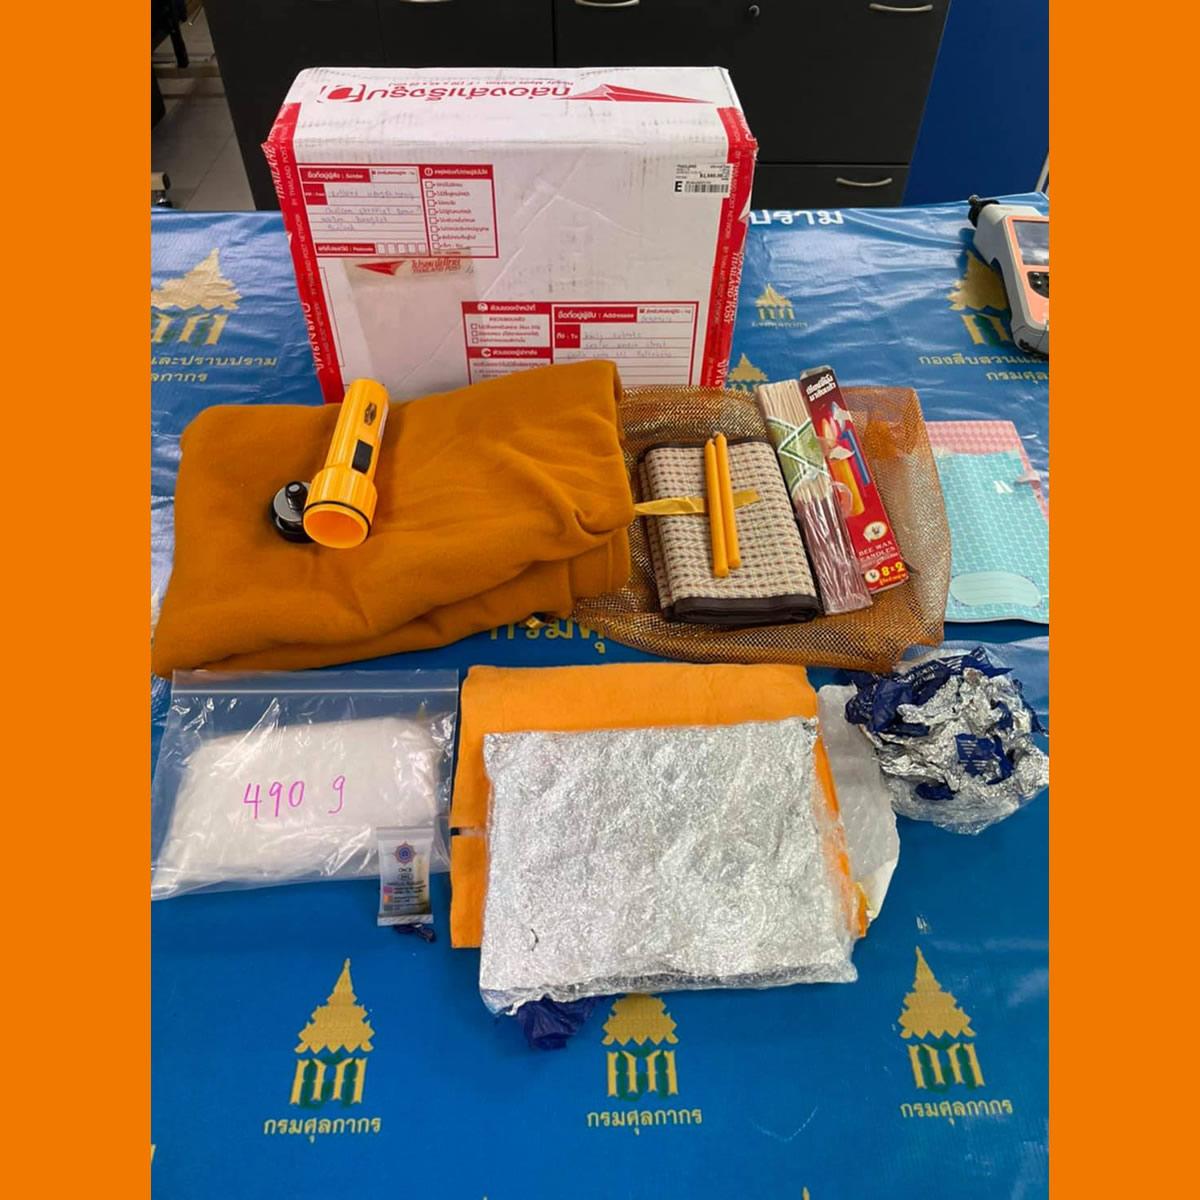 僧侶グッズに覚せい剤を隠してオーストラリアに発送、スワンナプーム空港で小包を発見